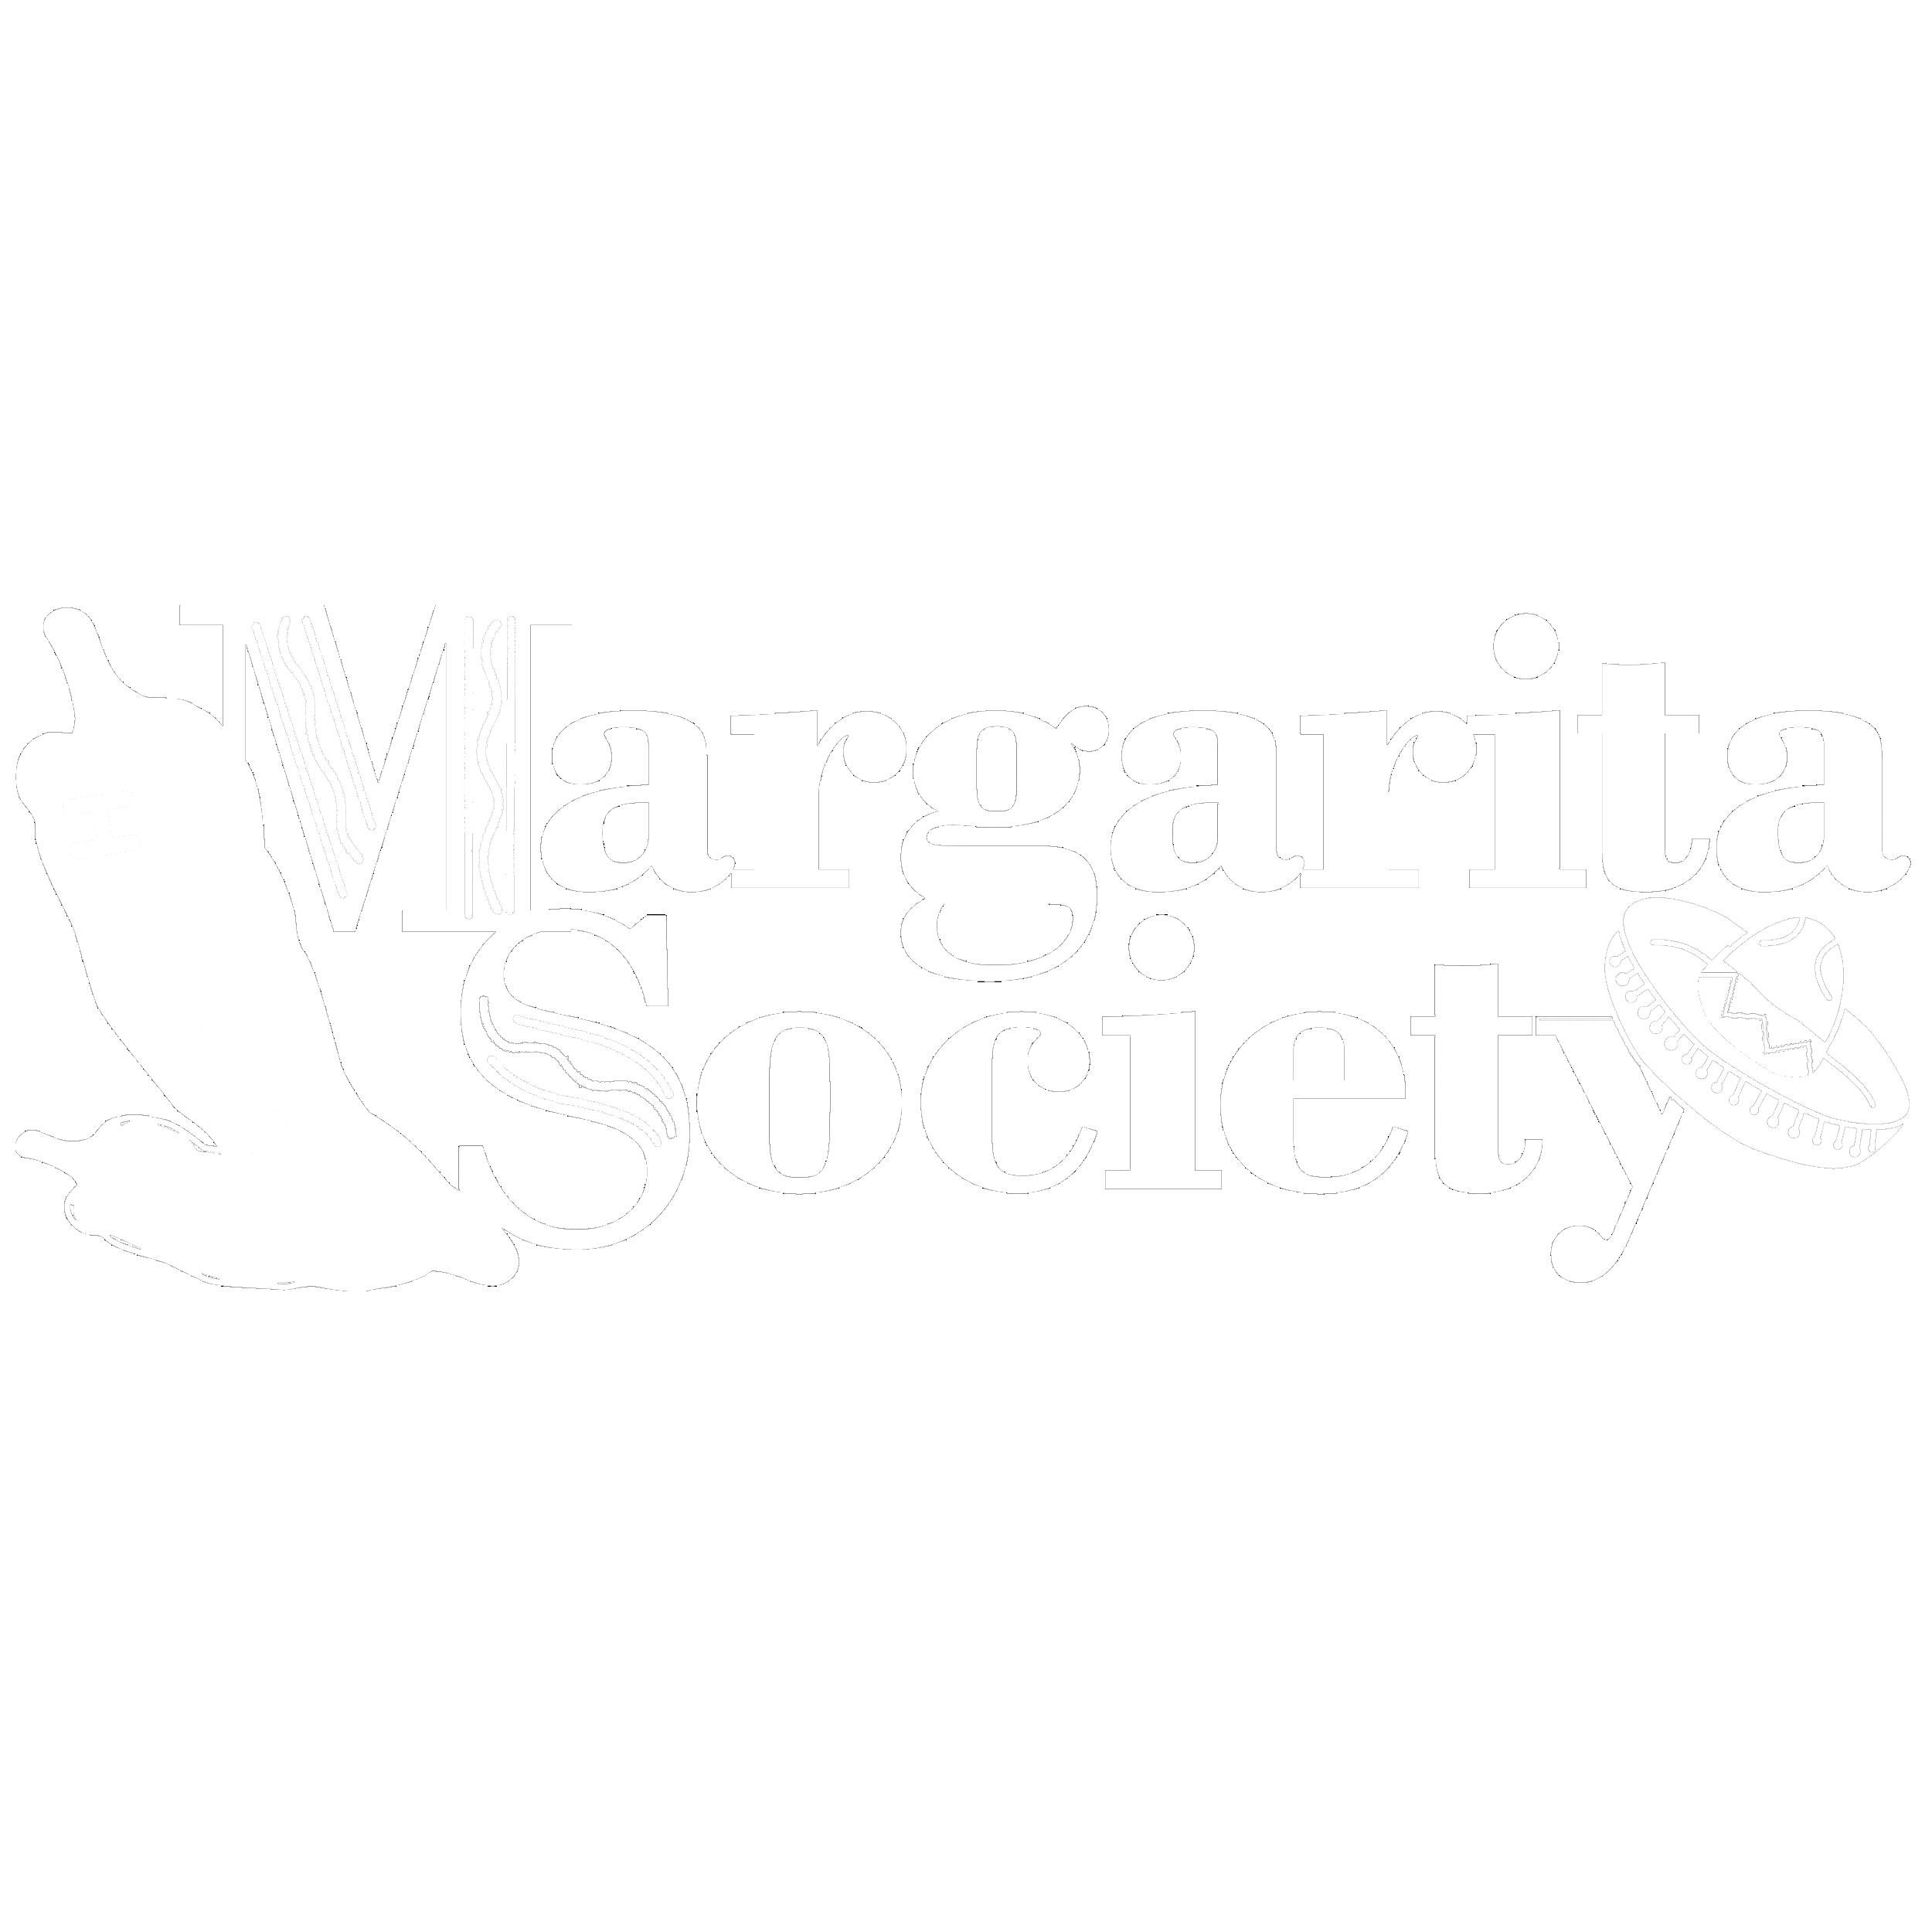 Huntsville Margarita Ball